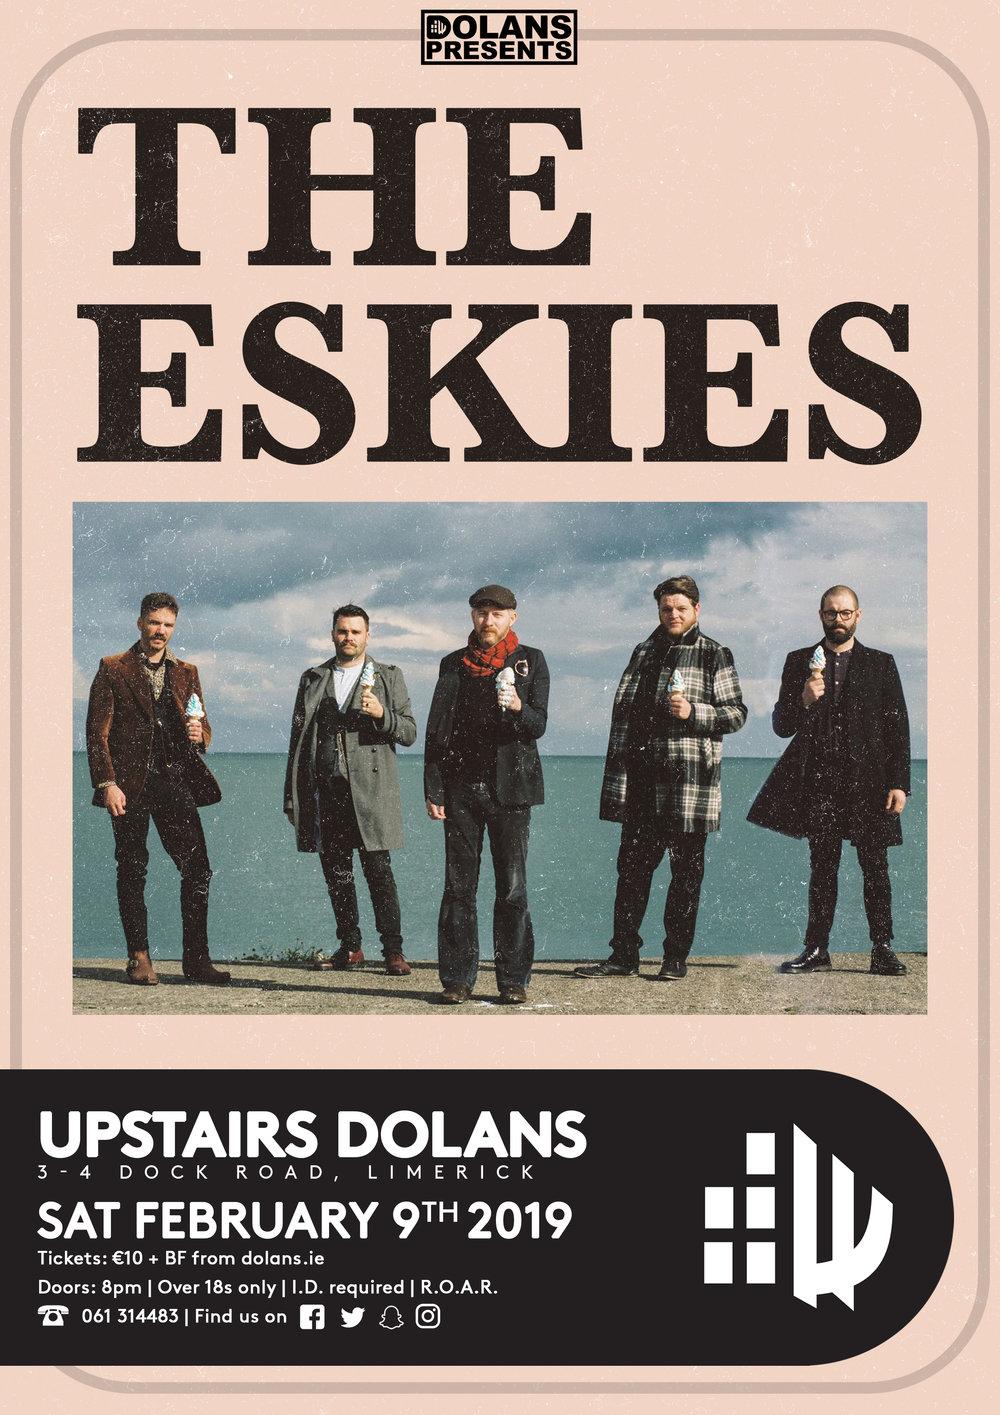 Tickets €11